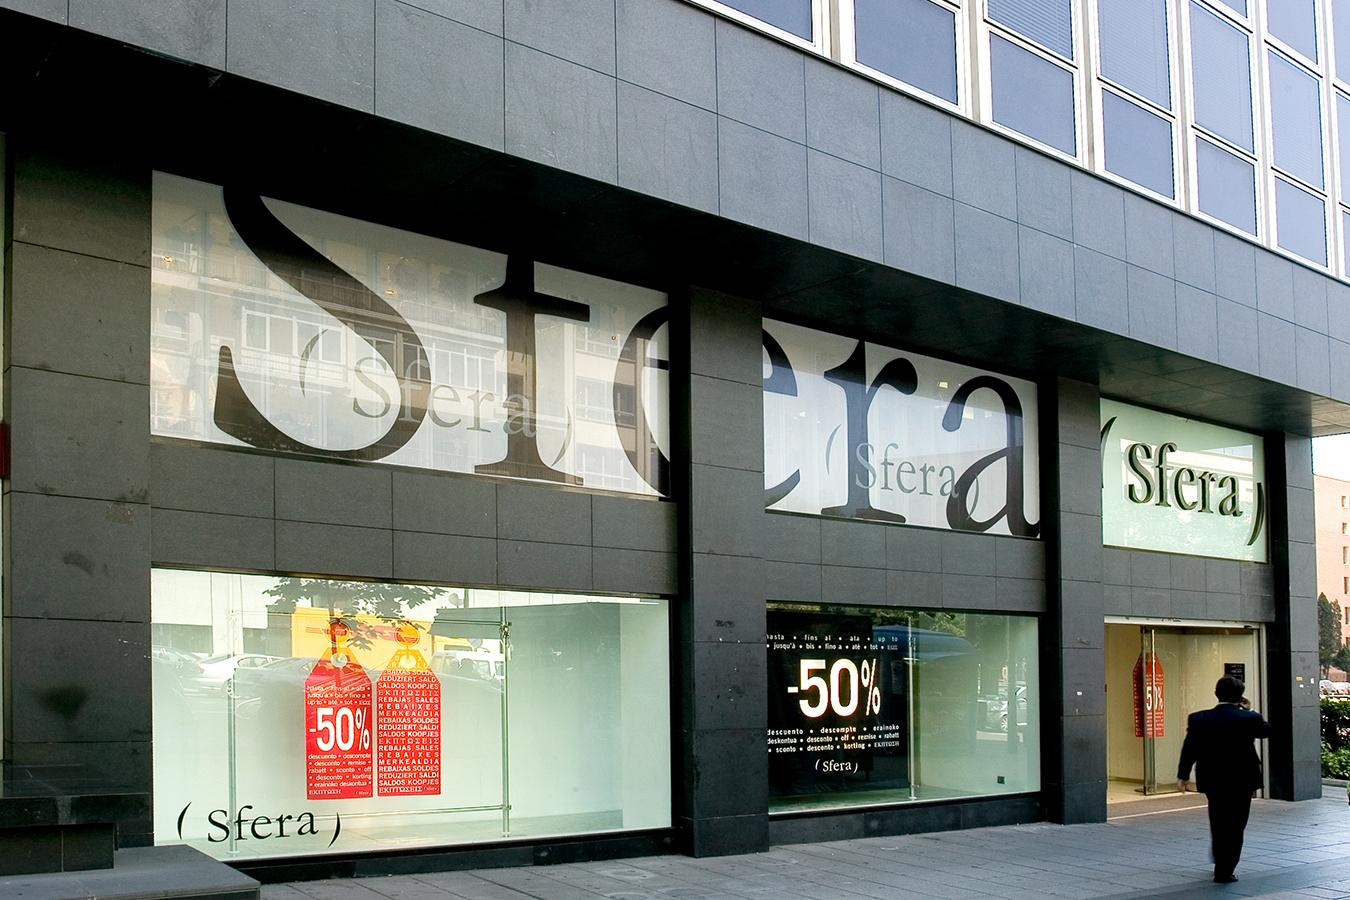 El Corte Inglés Sfera Womenswear Menswear Brand